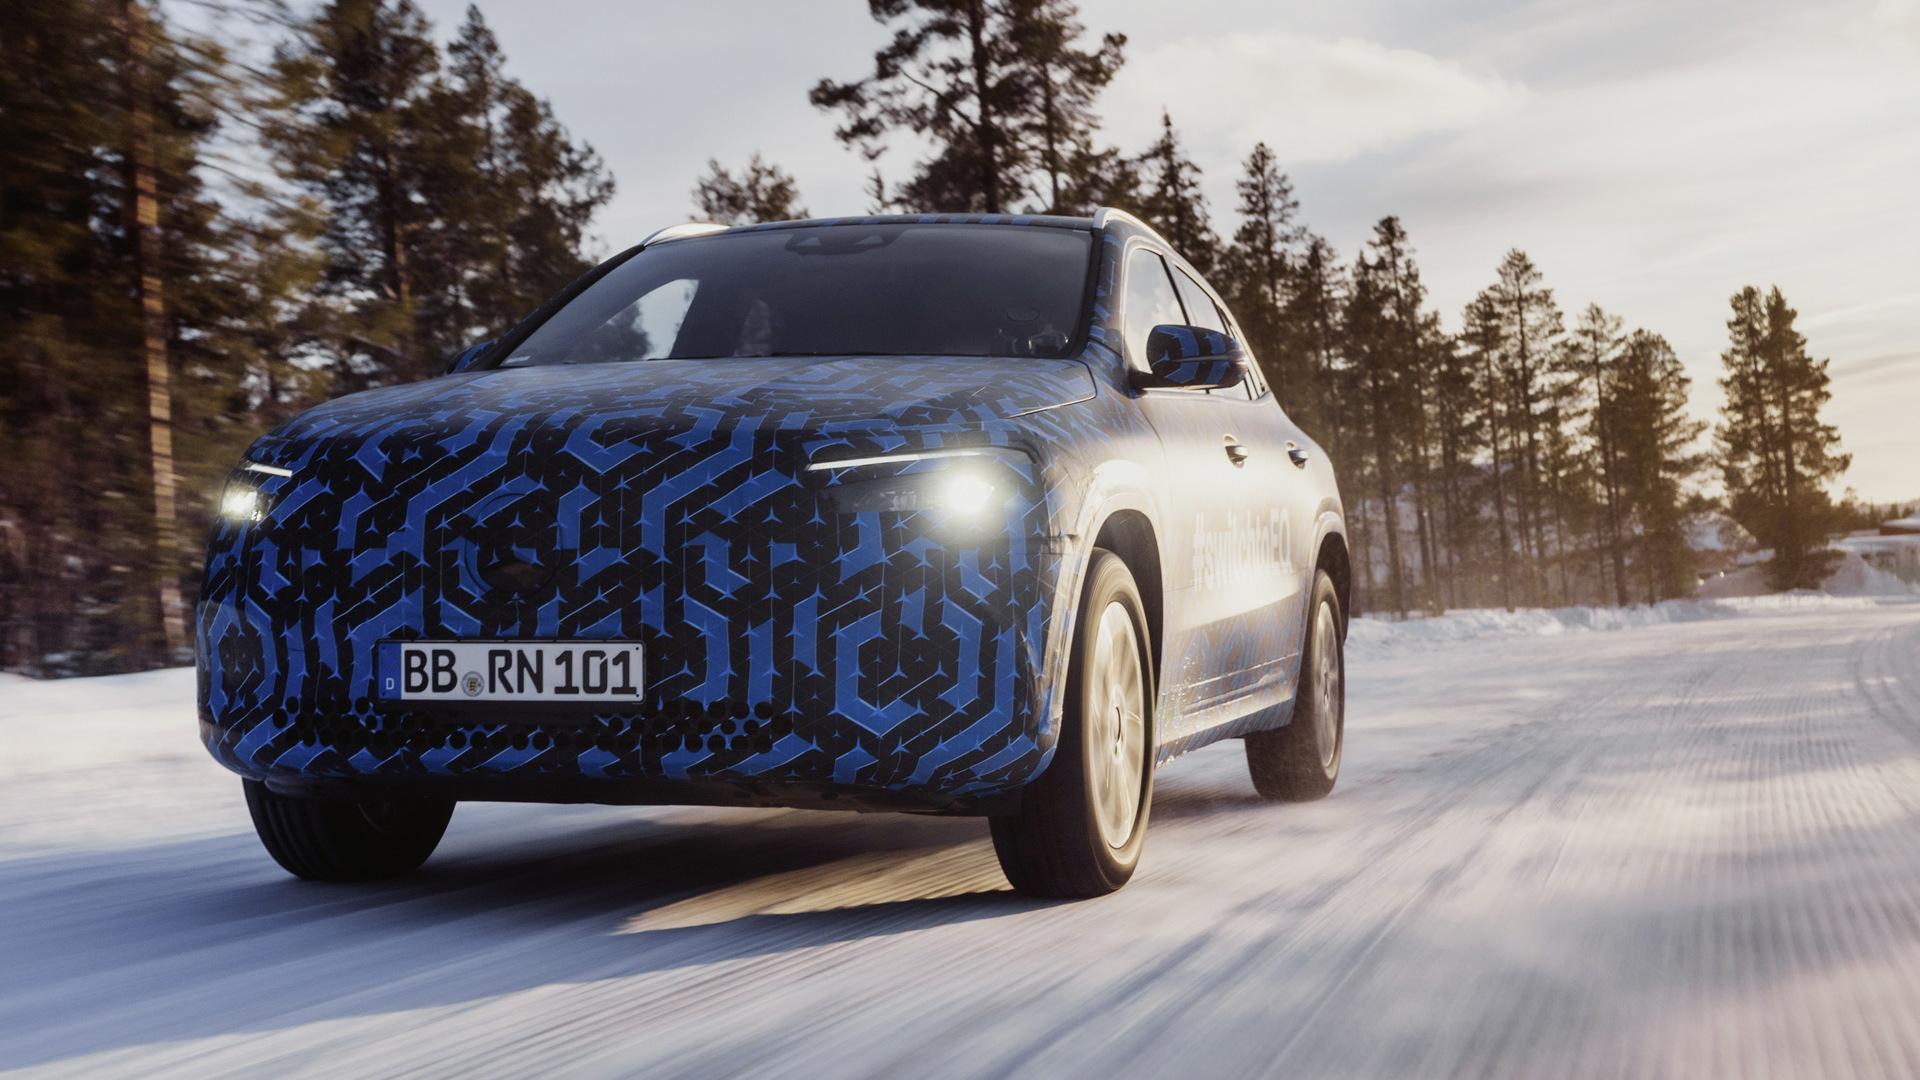 Teaser for Mercedes-Benz EQA debuting in 2020